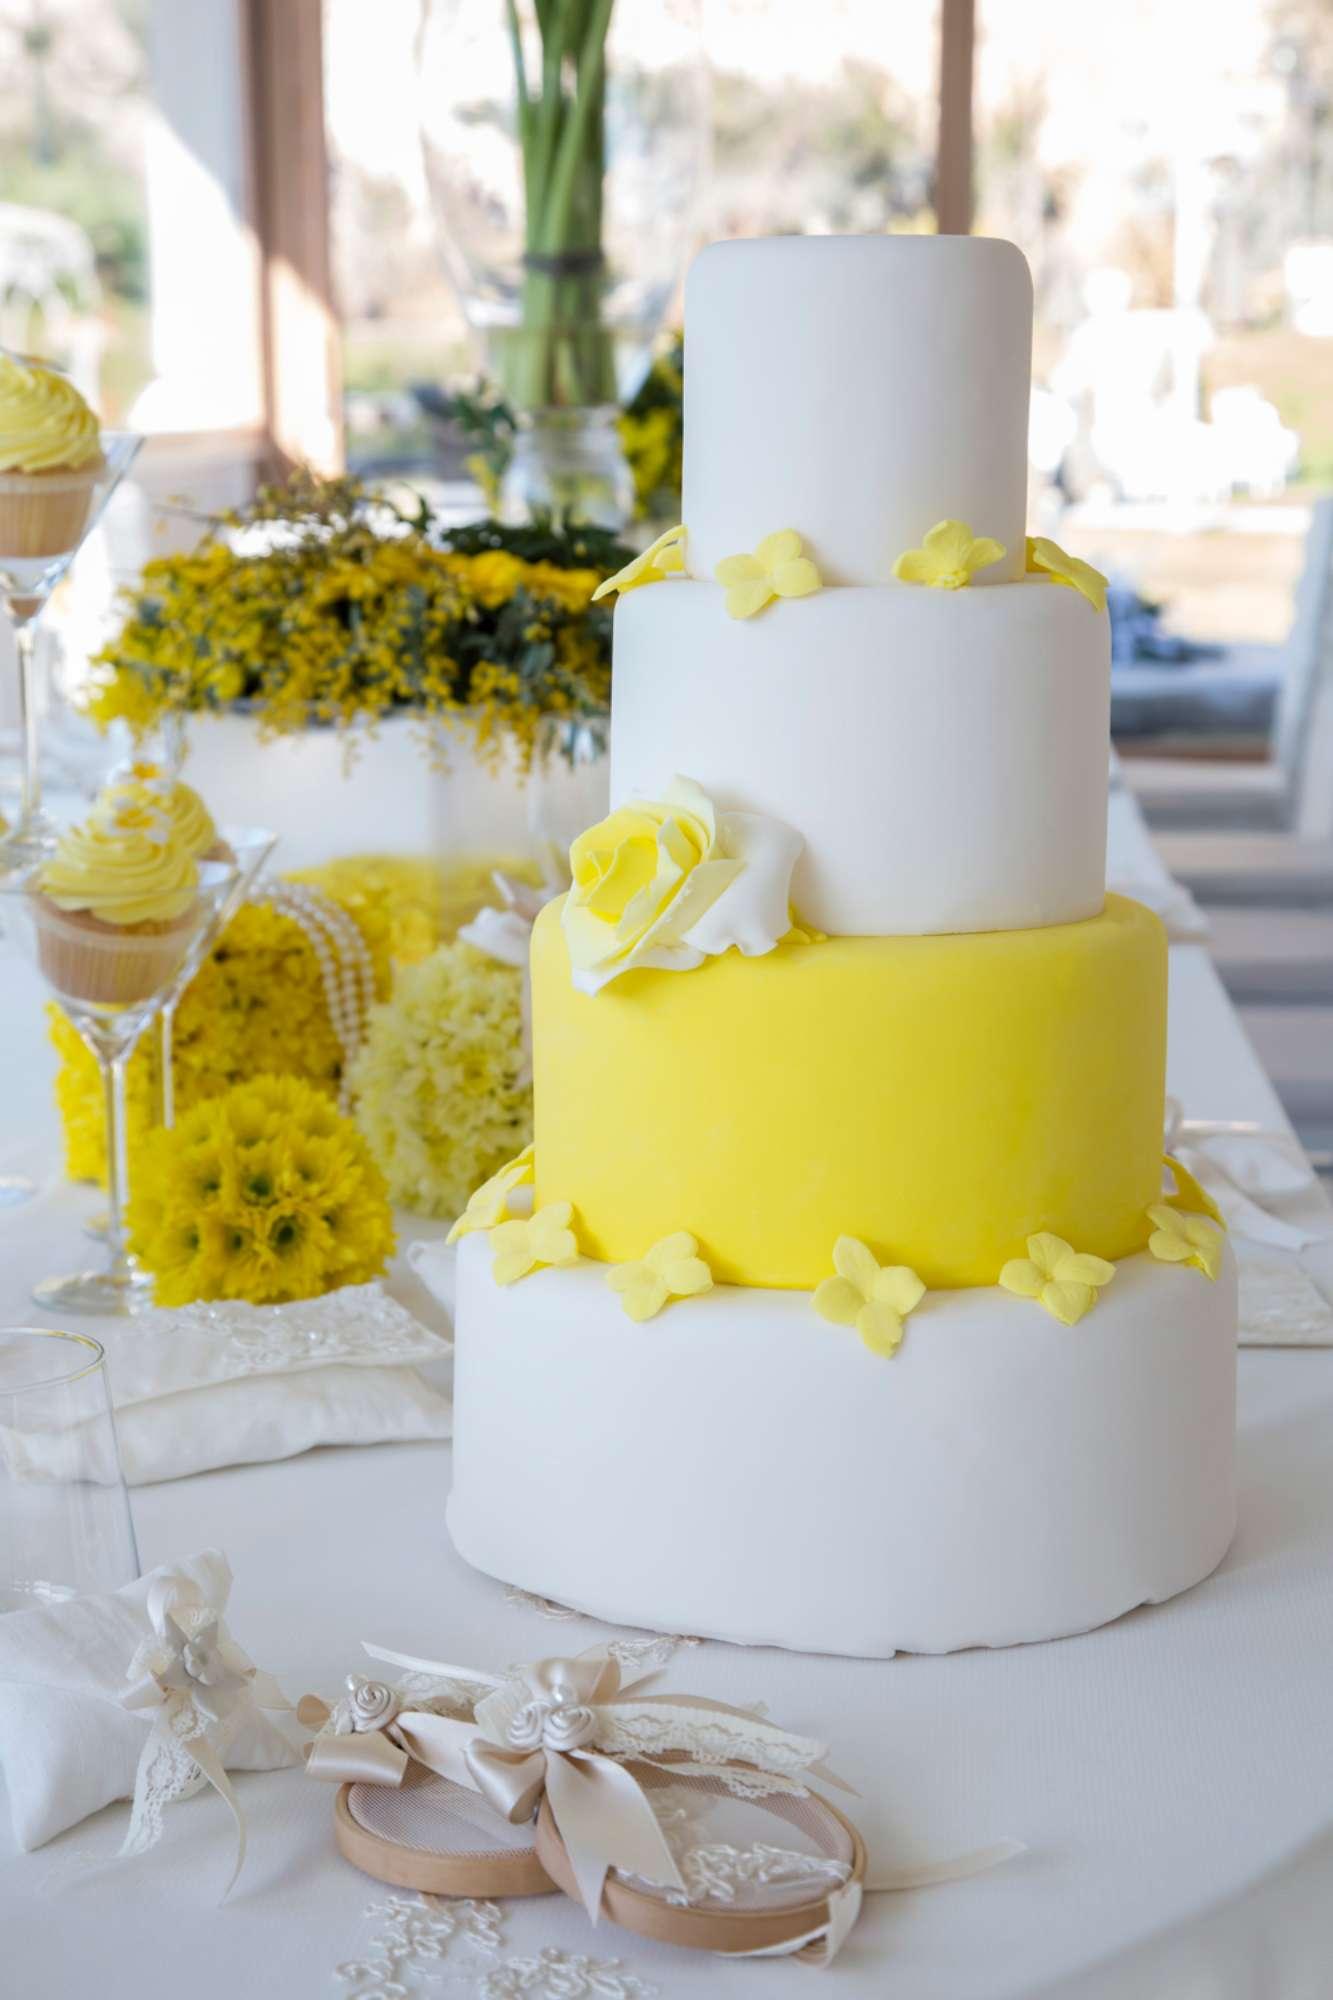 Matrimonio In Giallo E Bianco : Matrimonio in giallo festa della donna marzo